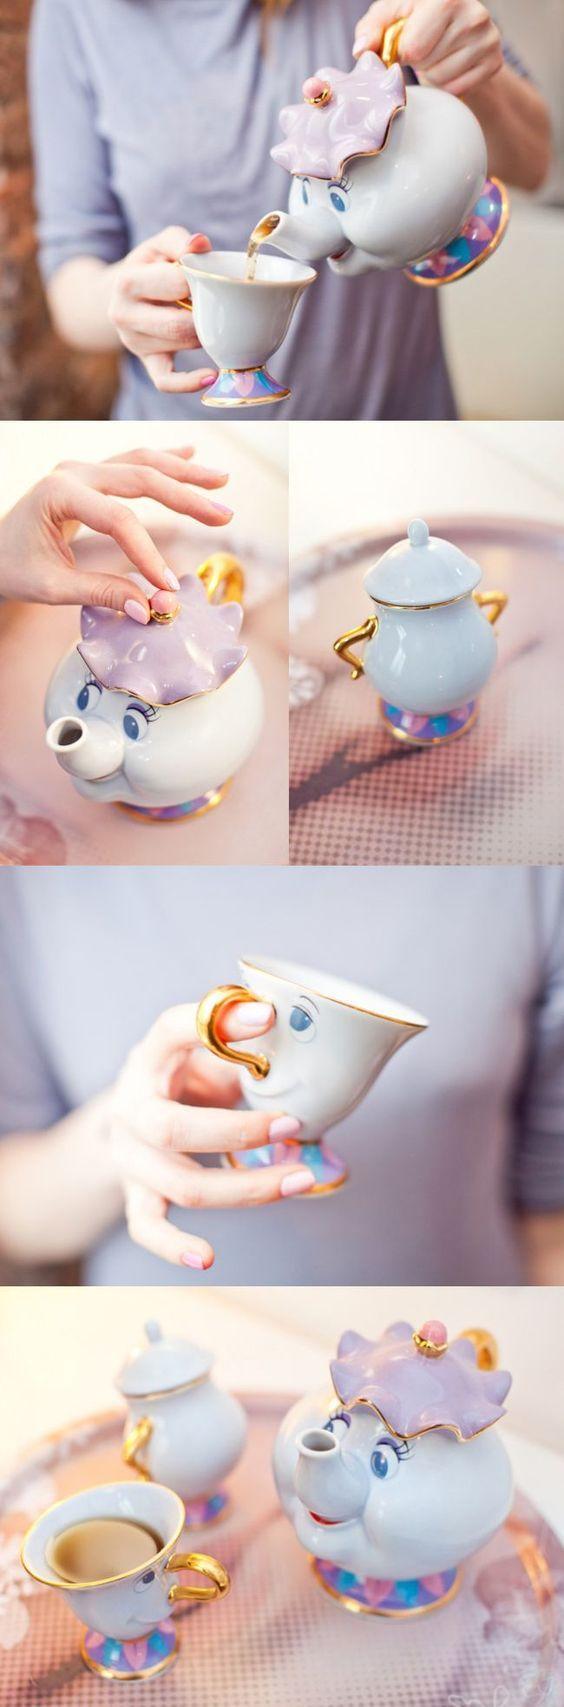 So cute! Beauty & The Beast teapot set!   Dress up Disney princess on ubieranki.eu!  http://www.ubieranki.eu/encyklopedia/ksiezniczki-disneya.html: